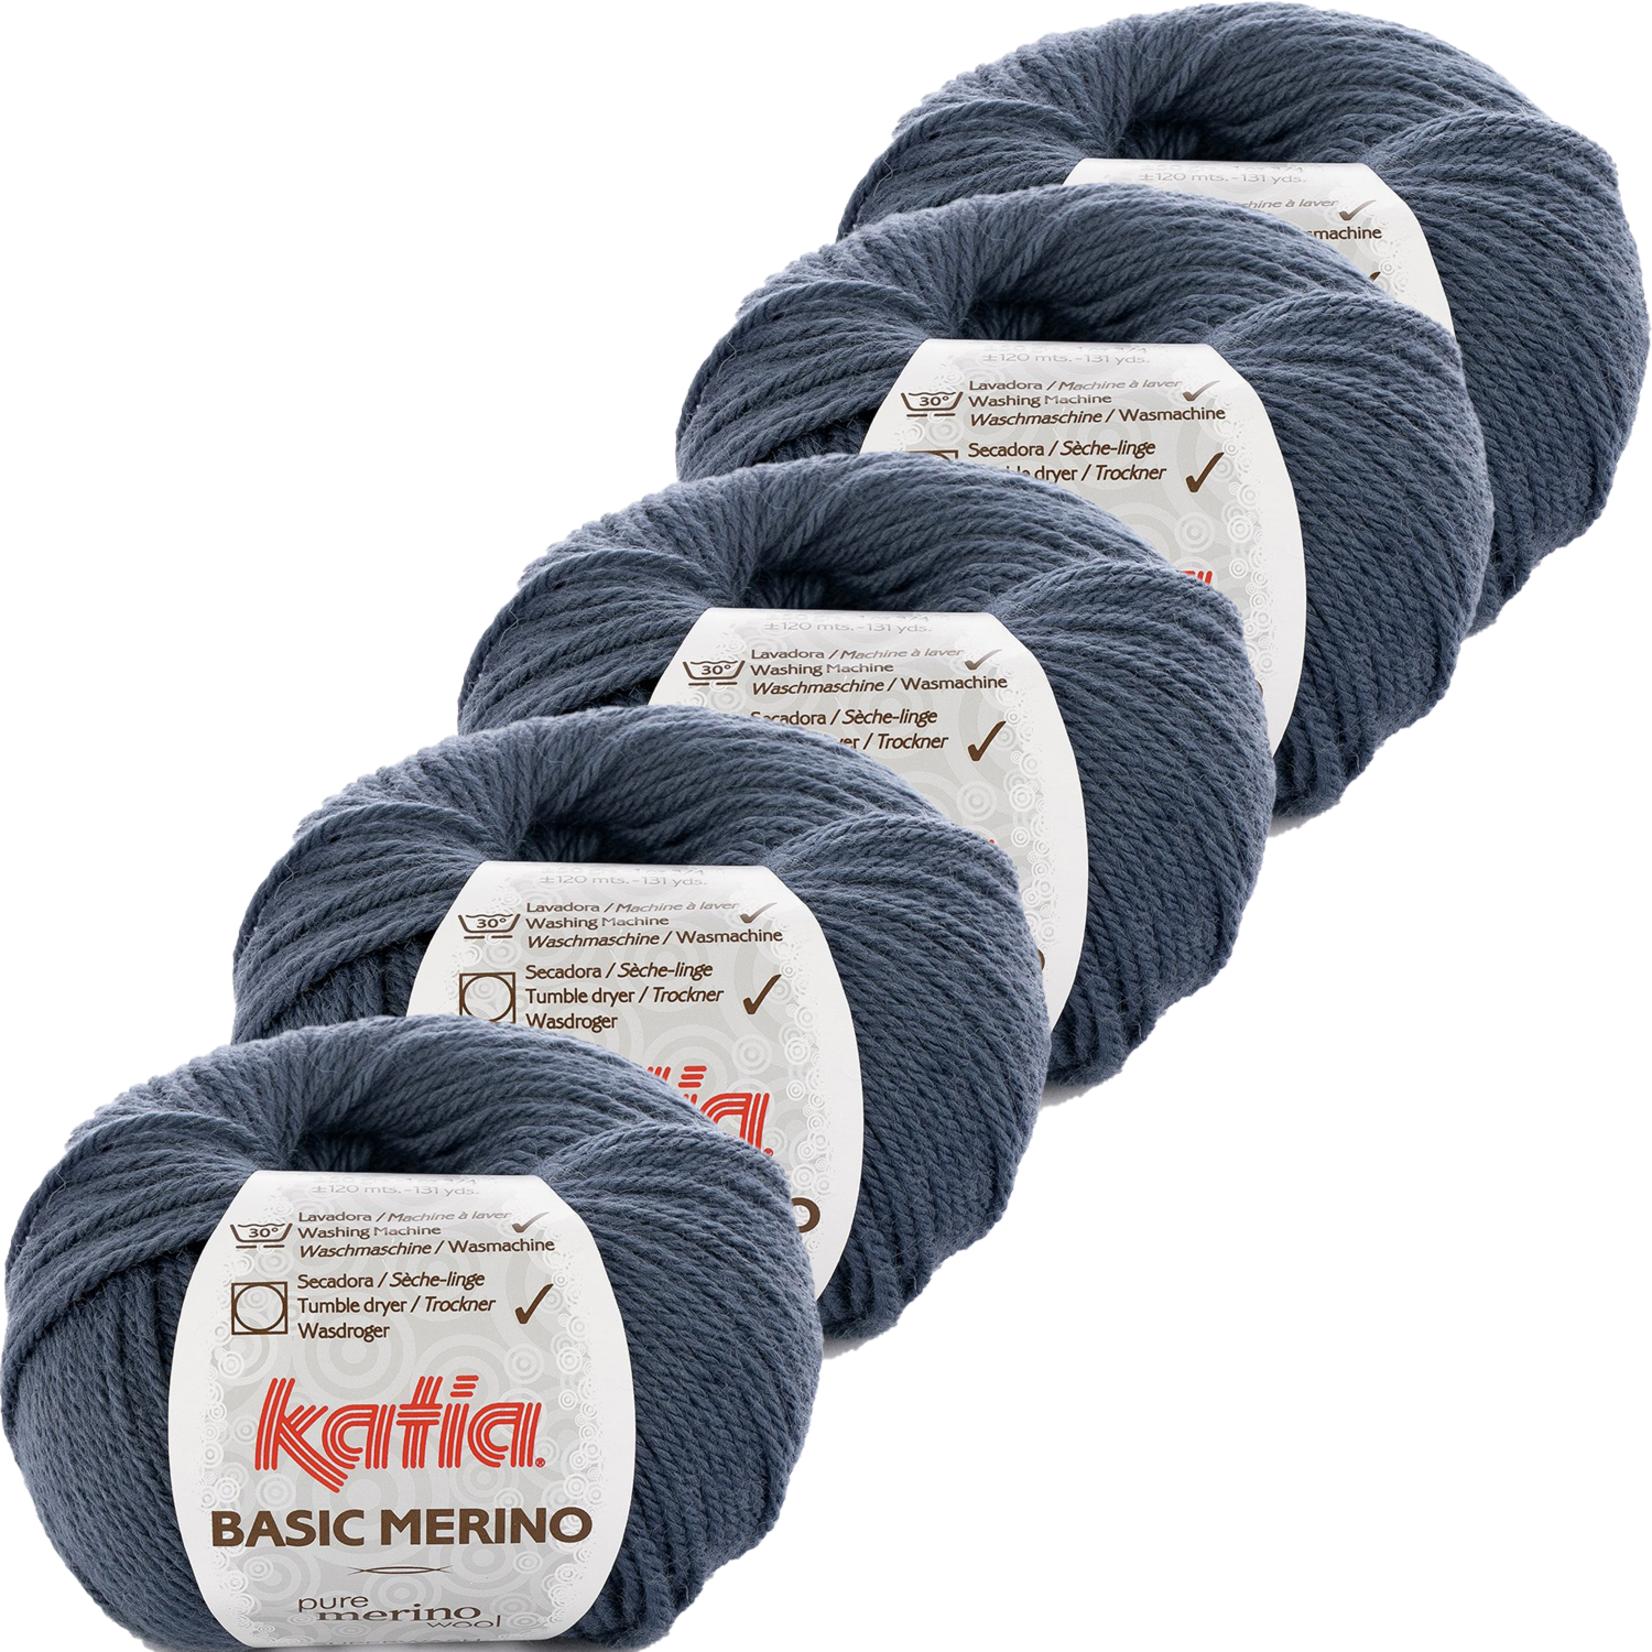 Katia Basic Merino - kleur 32_Grijsblauw - bundel 5 bollen 50 gr.  van 120 m.